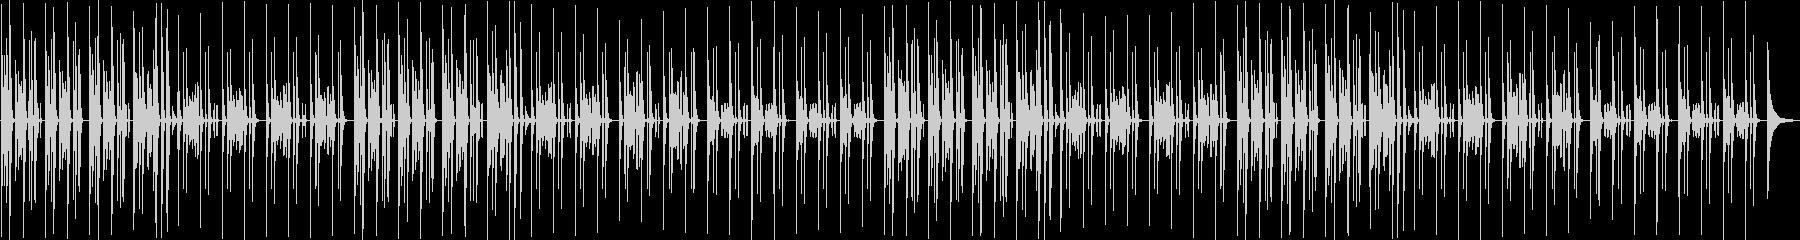 猫の昼寝・まったりピアノとリコーダーの未再生の波形